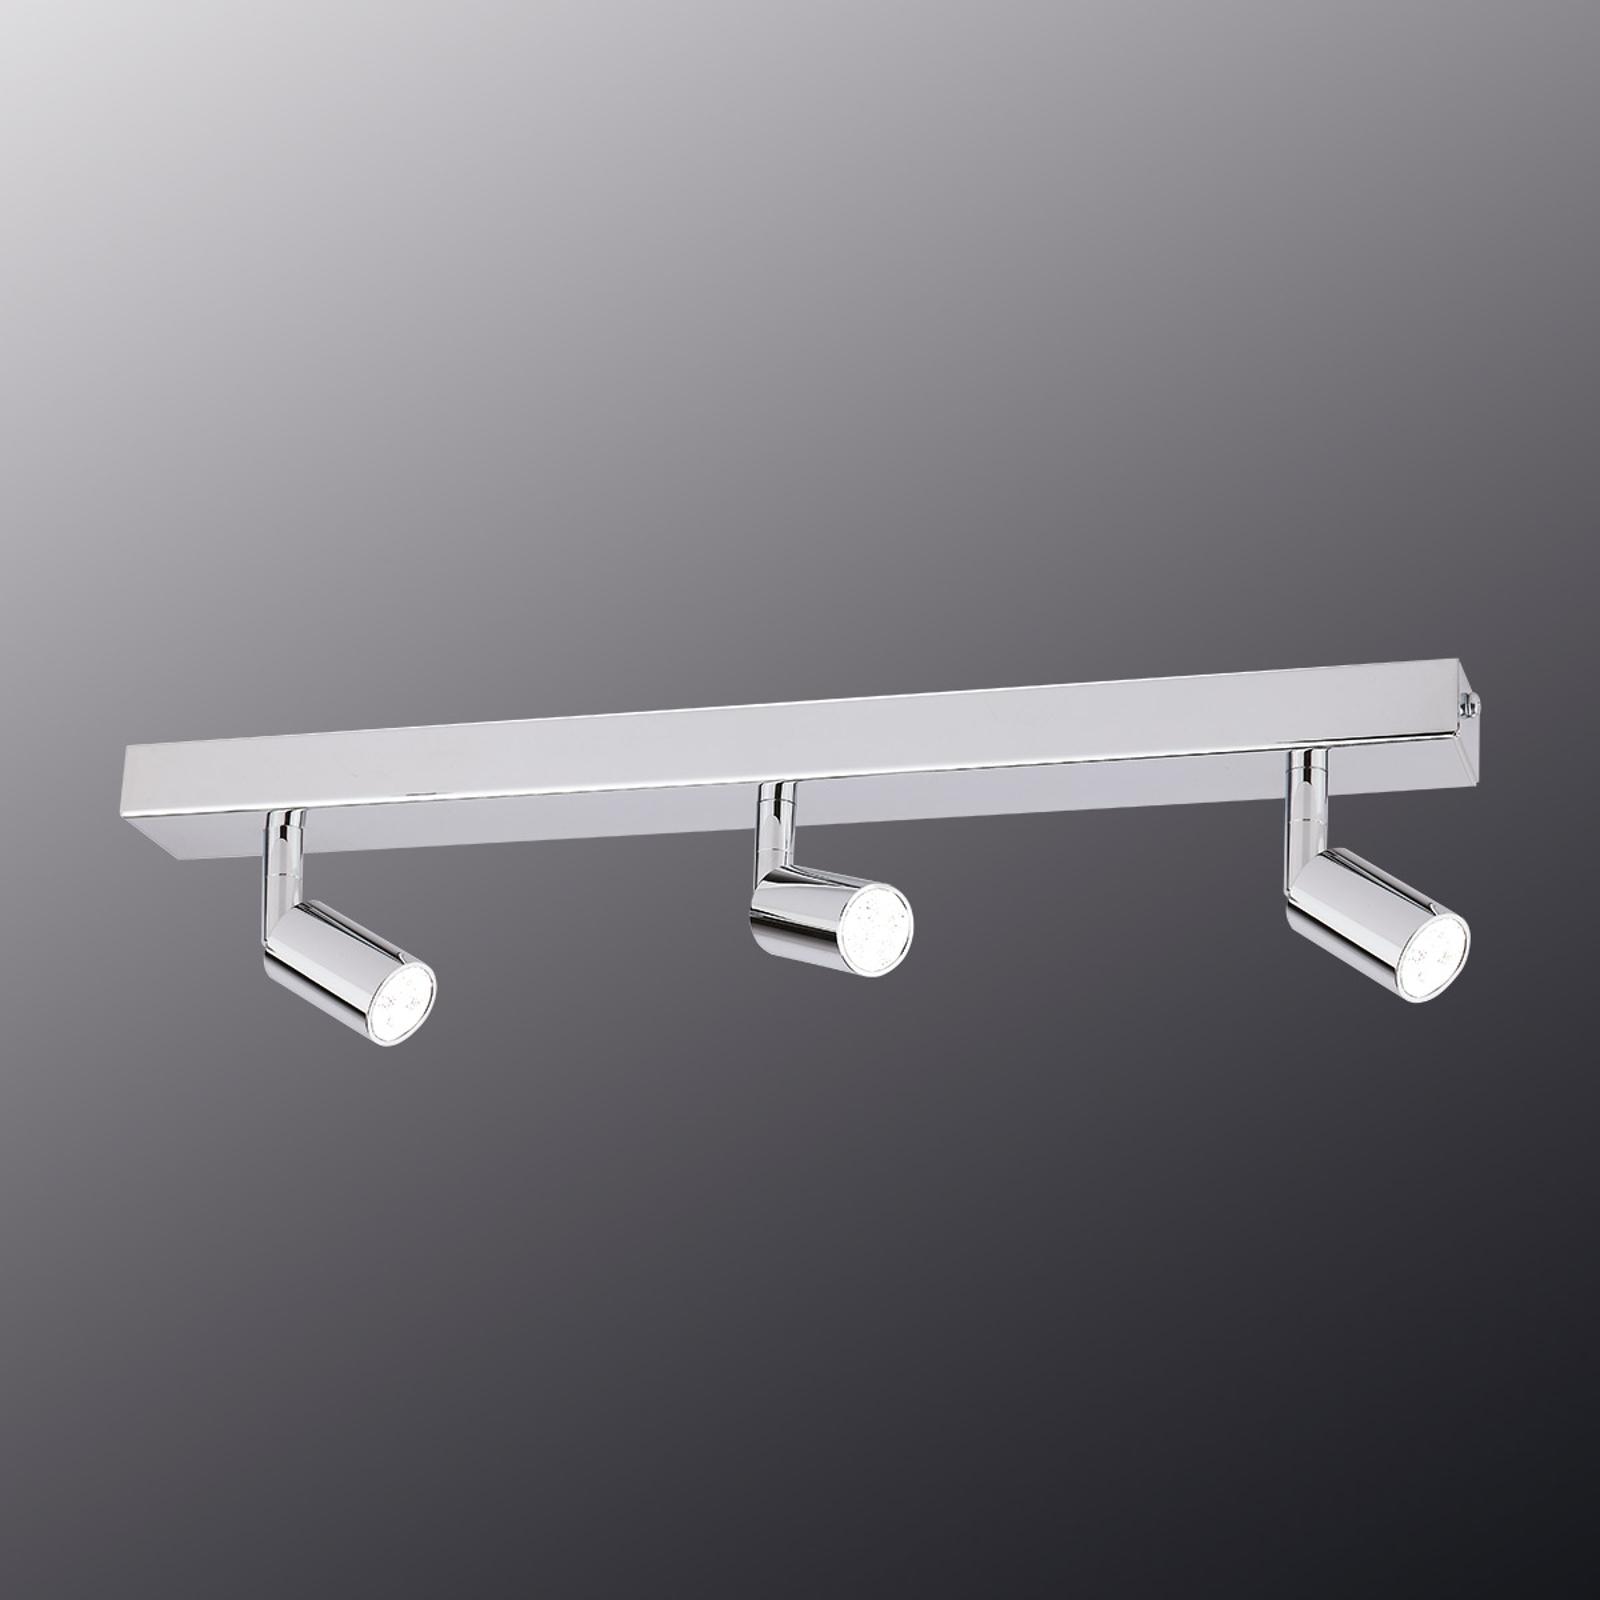 Modern gestaltete LED-Deckenleuchte 3-flg